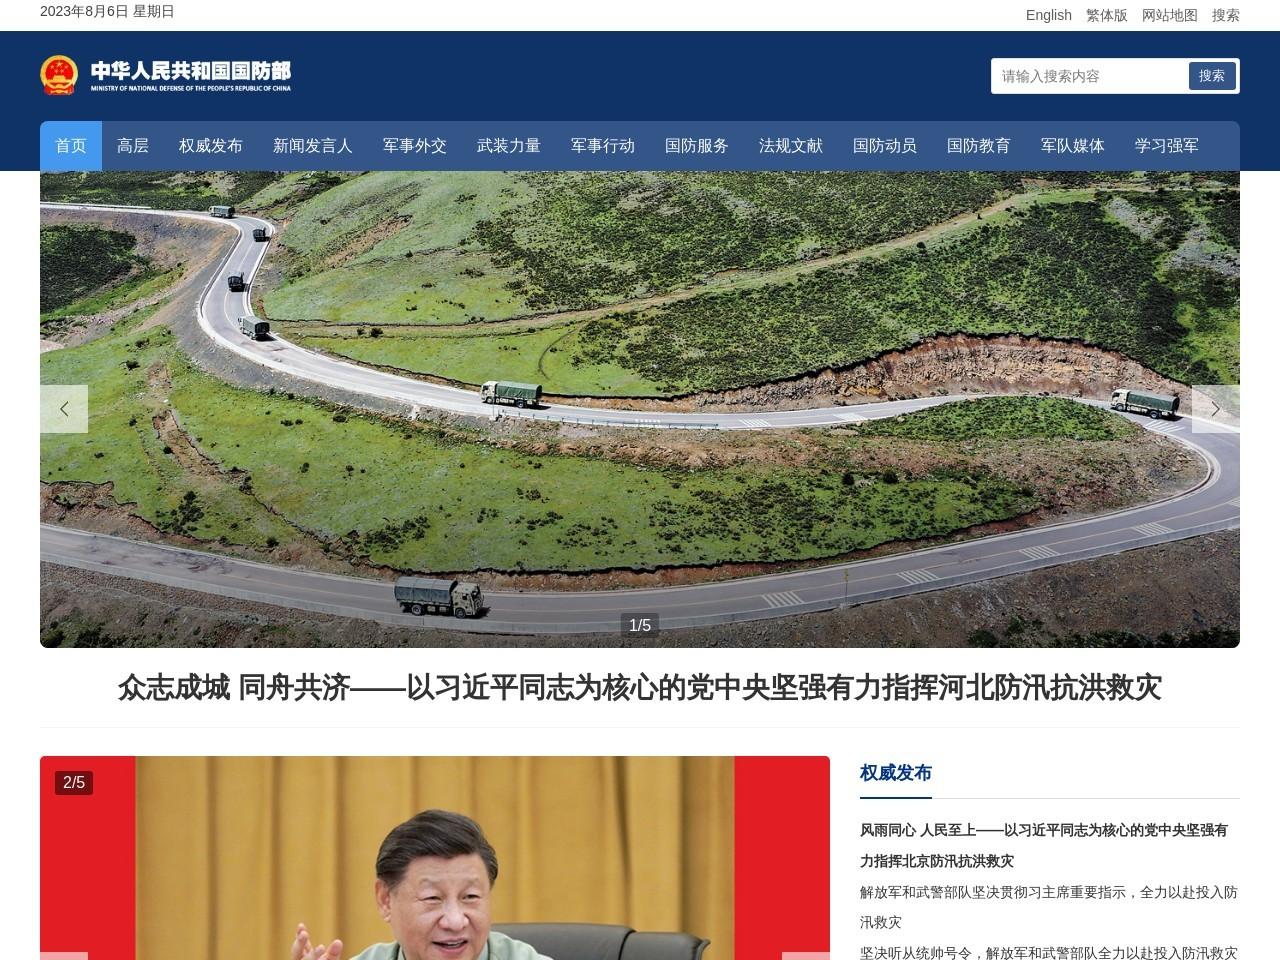 中华人民共和国国防部